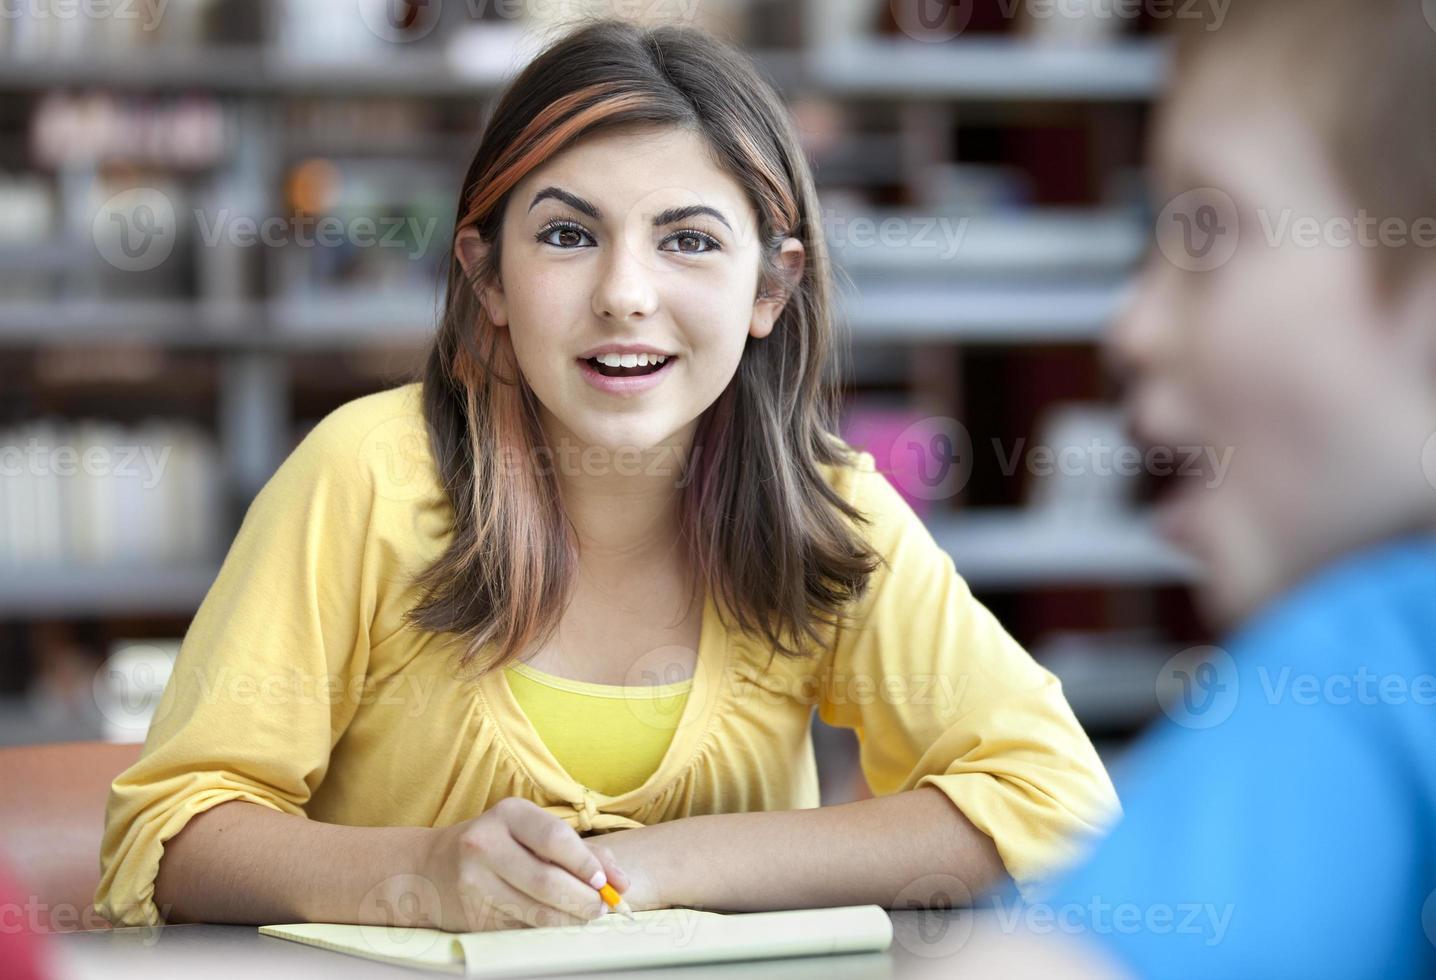 adolescente, étudier, à, garçon photo